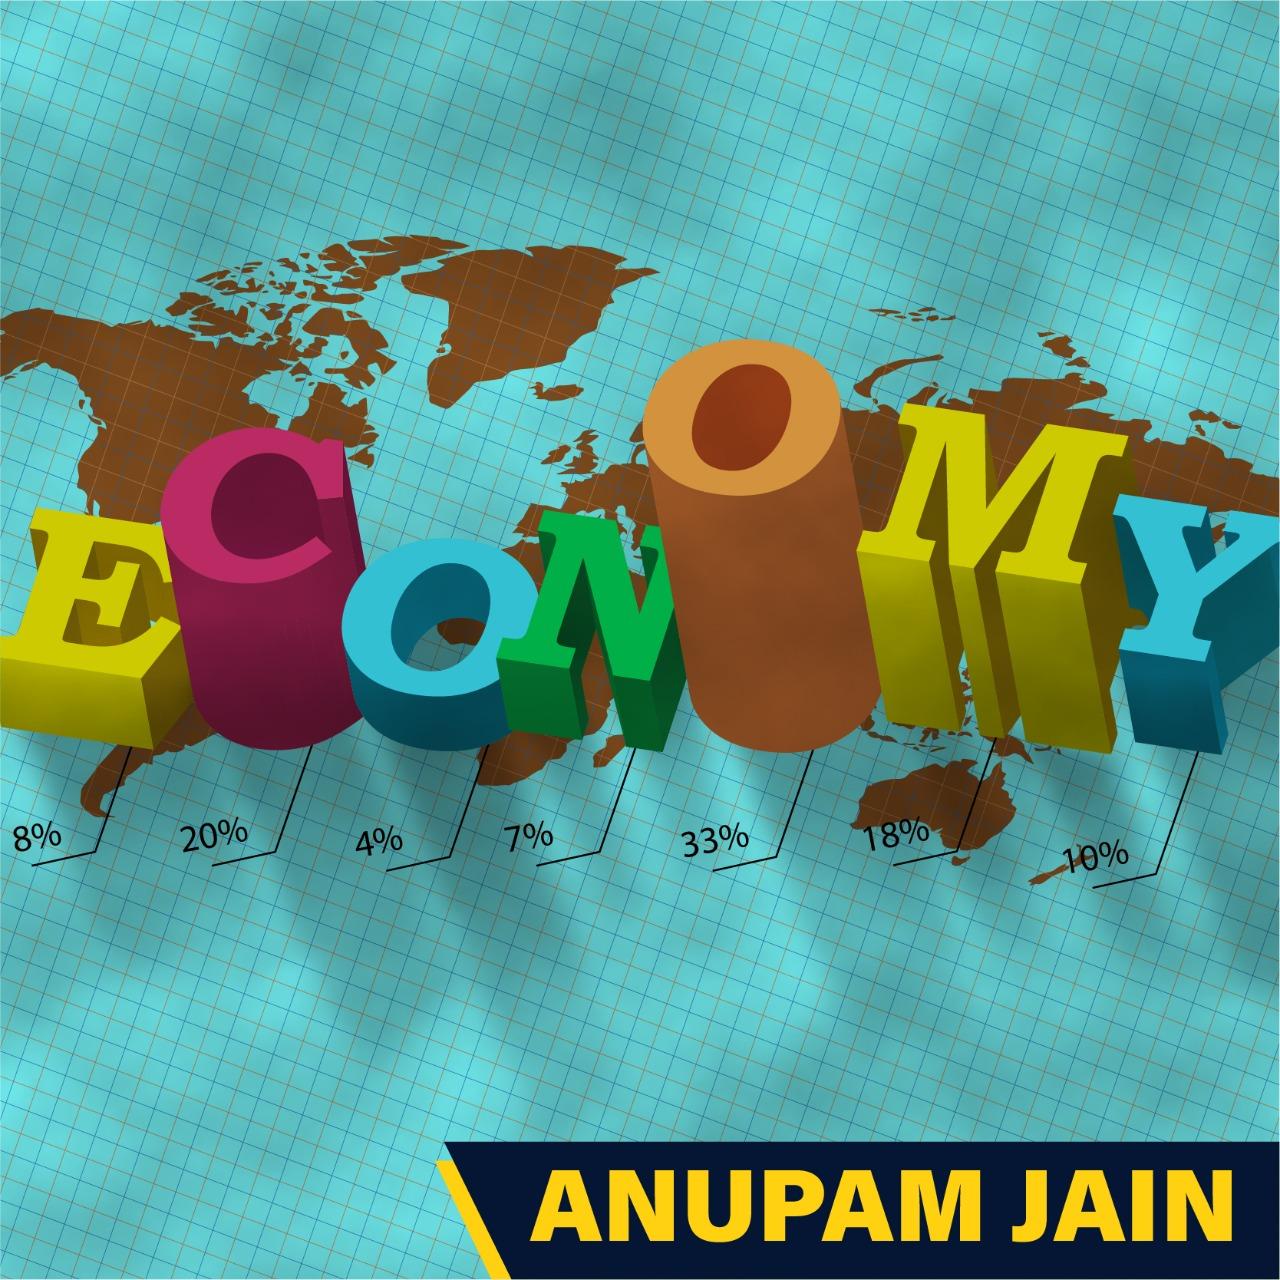 Anupam Jain - INDIAN ECONOMY